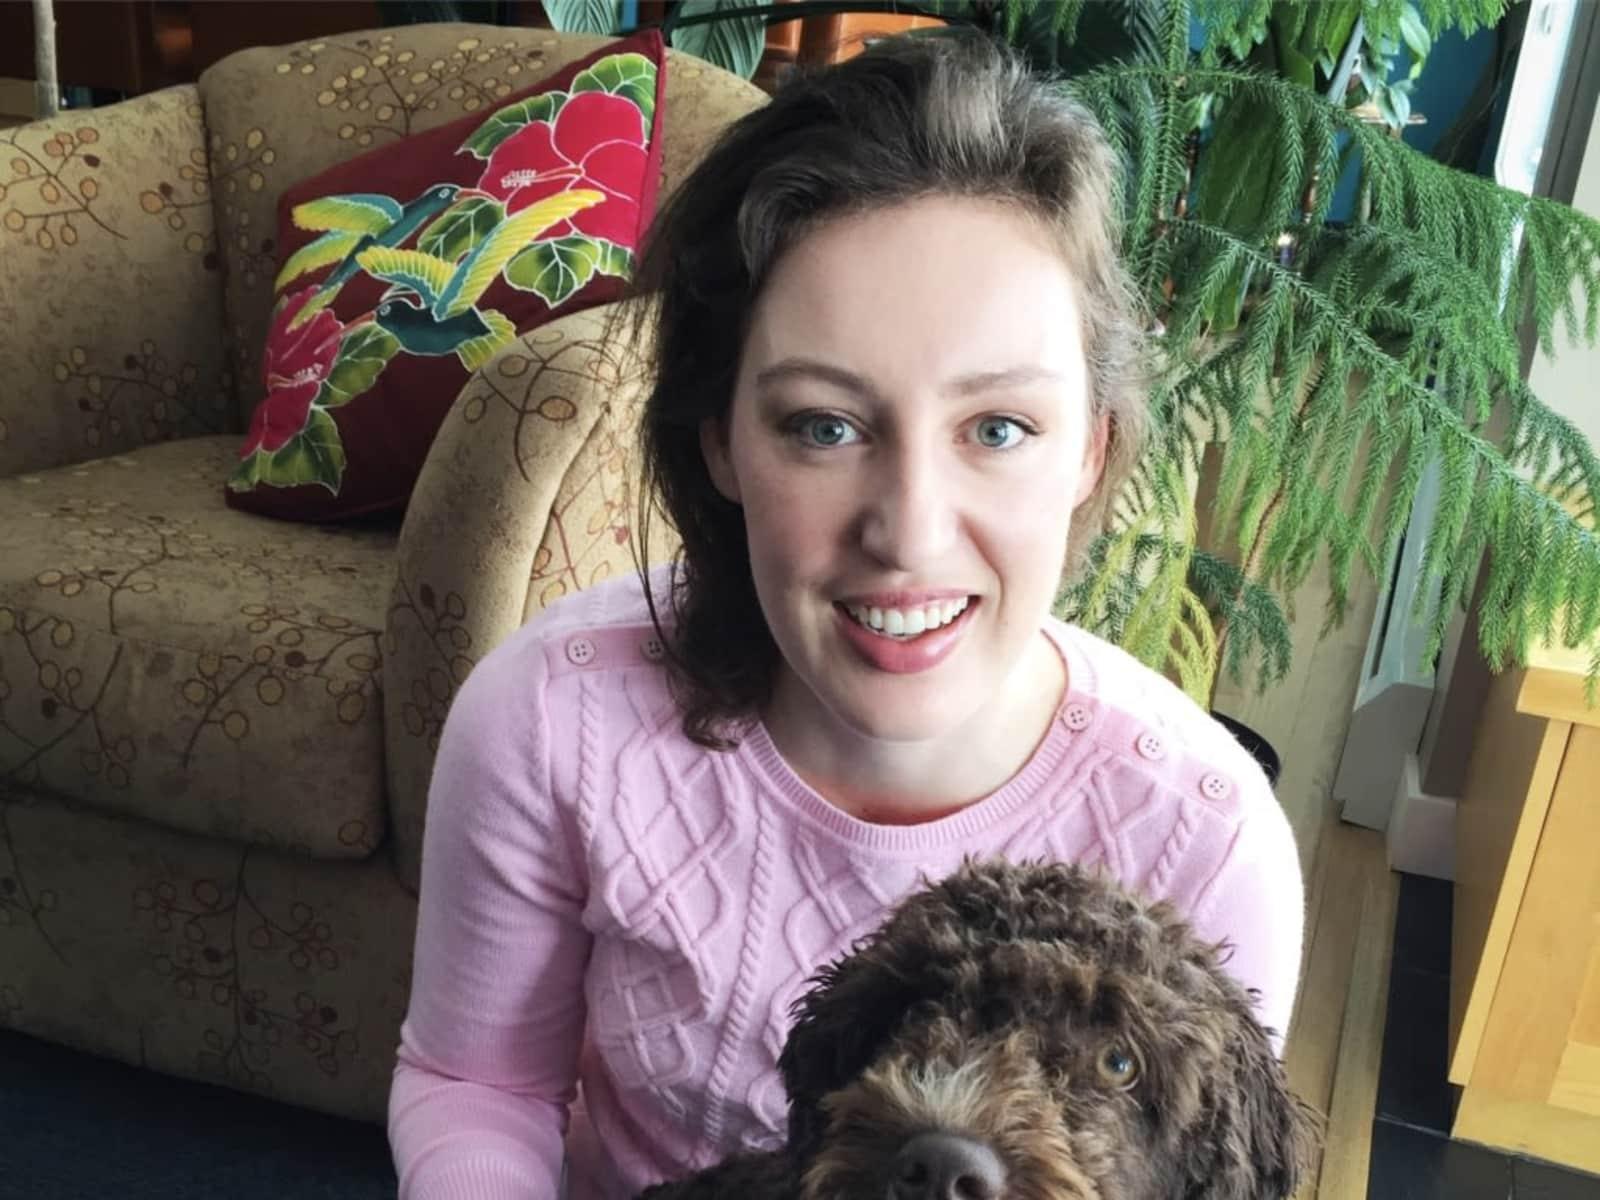 Rachael from Calgary, Alberta, Canada